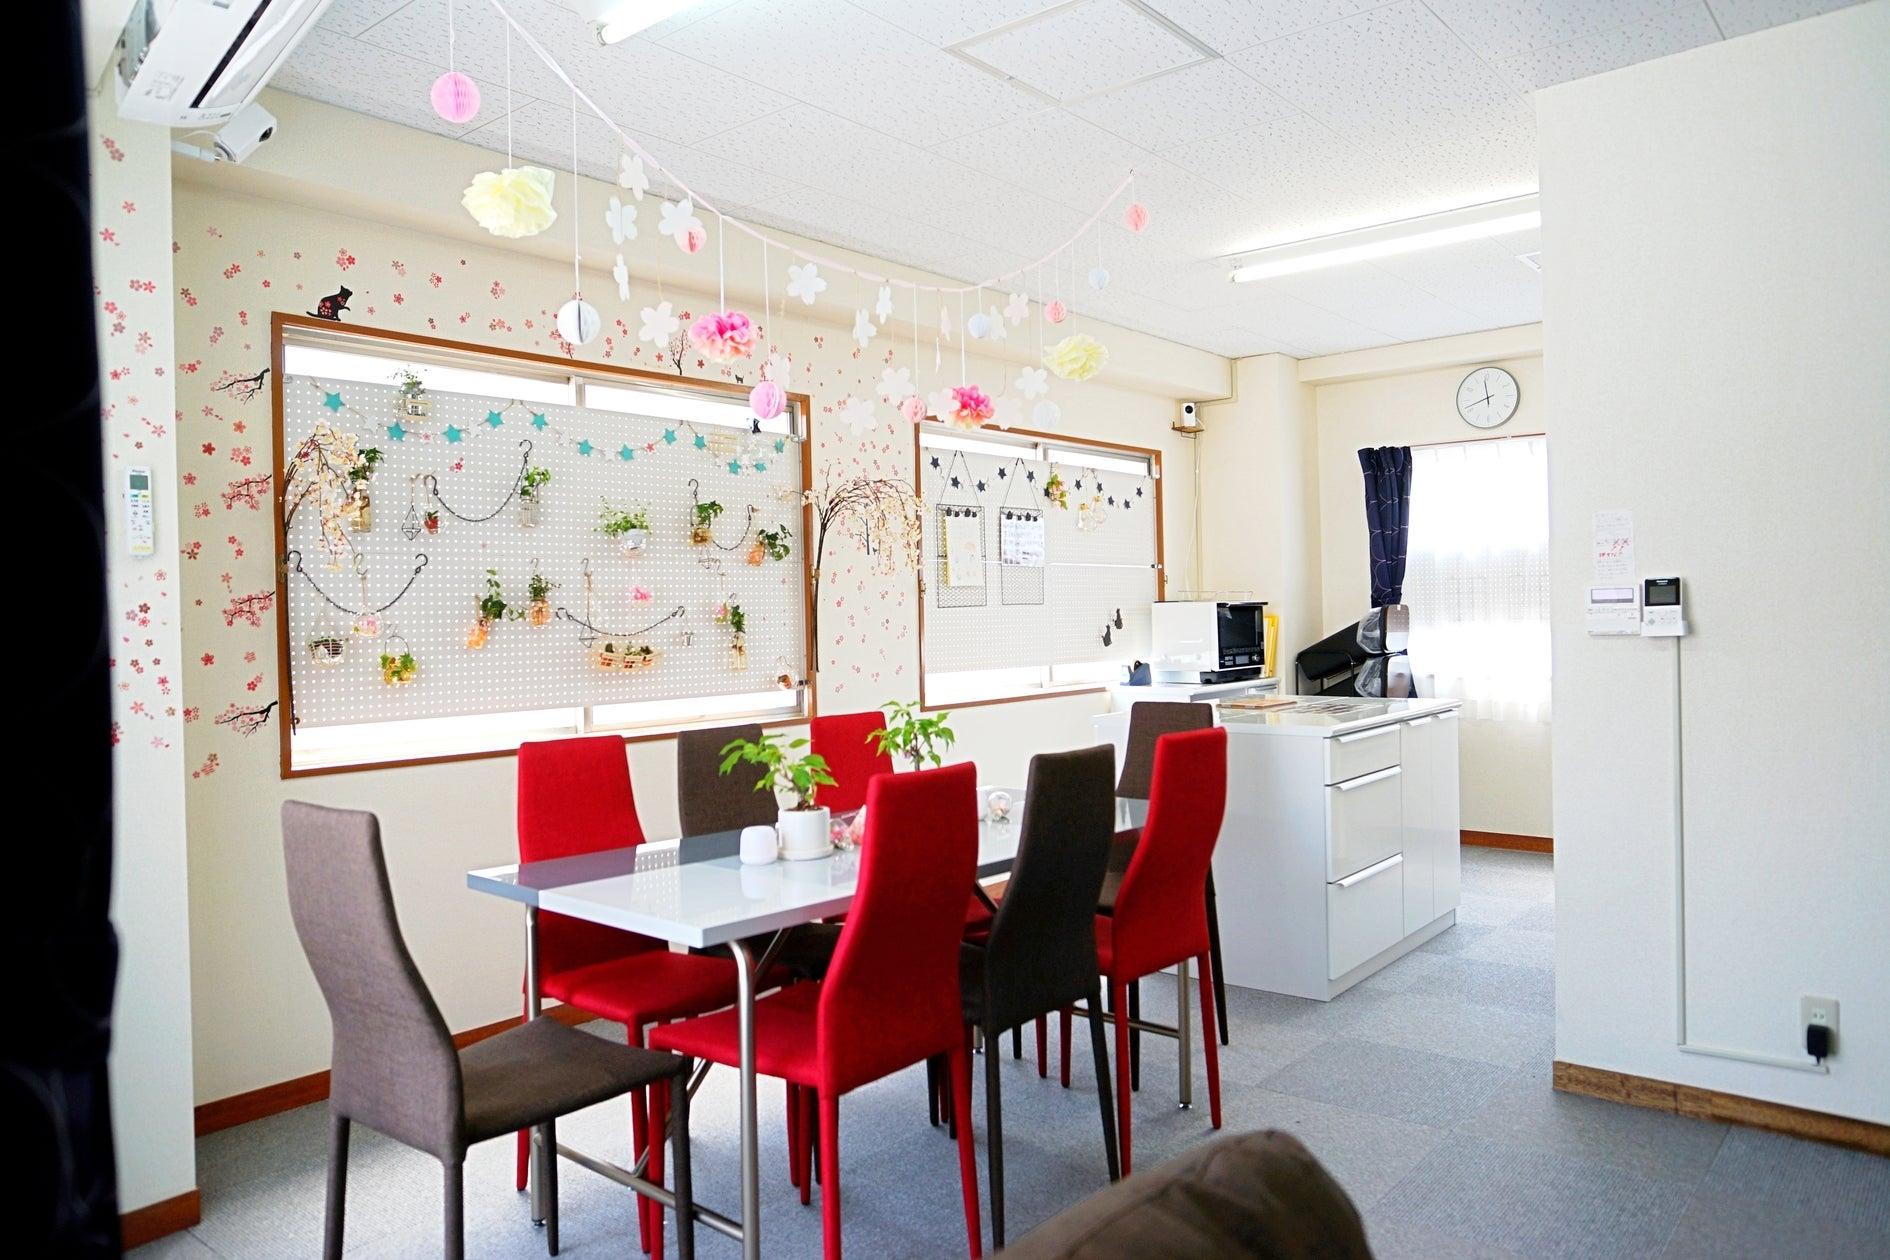 【6階】横浜関内!本格キッチン付き#プロジェクター#ボードゲーム#歓迎会#撮影#ママ会